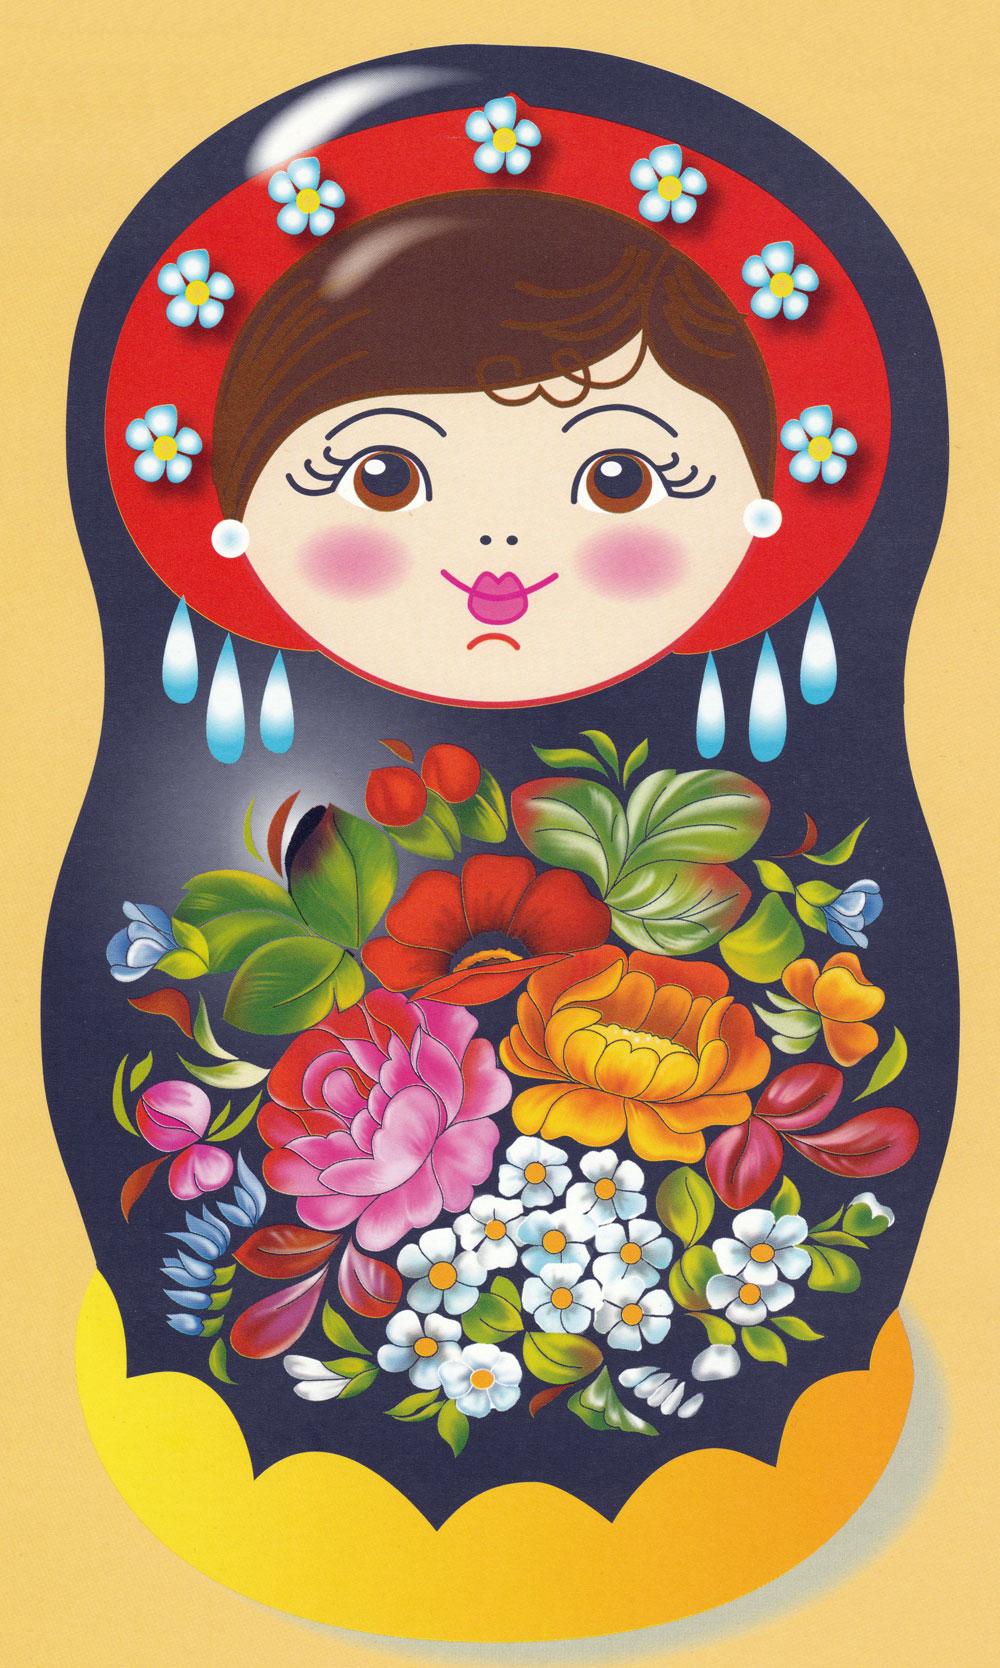 Раскраска Матрешка с цветами - распечатать бесплатно